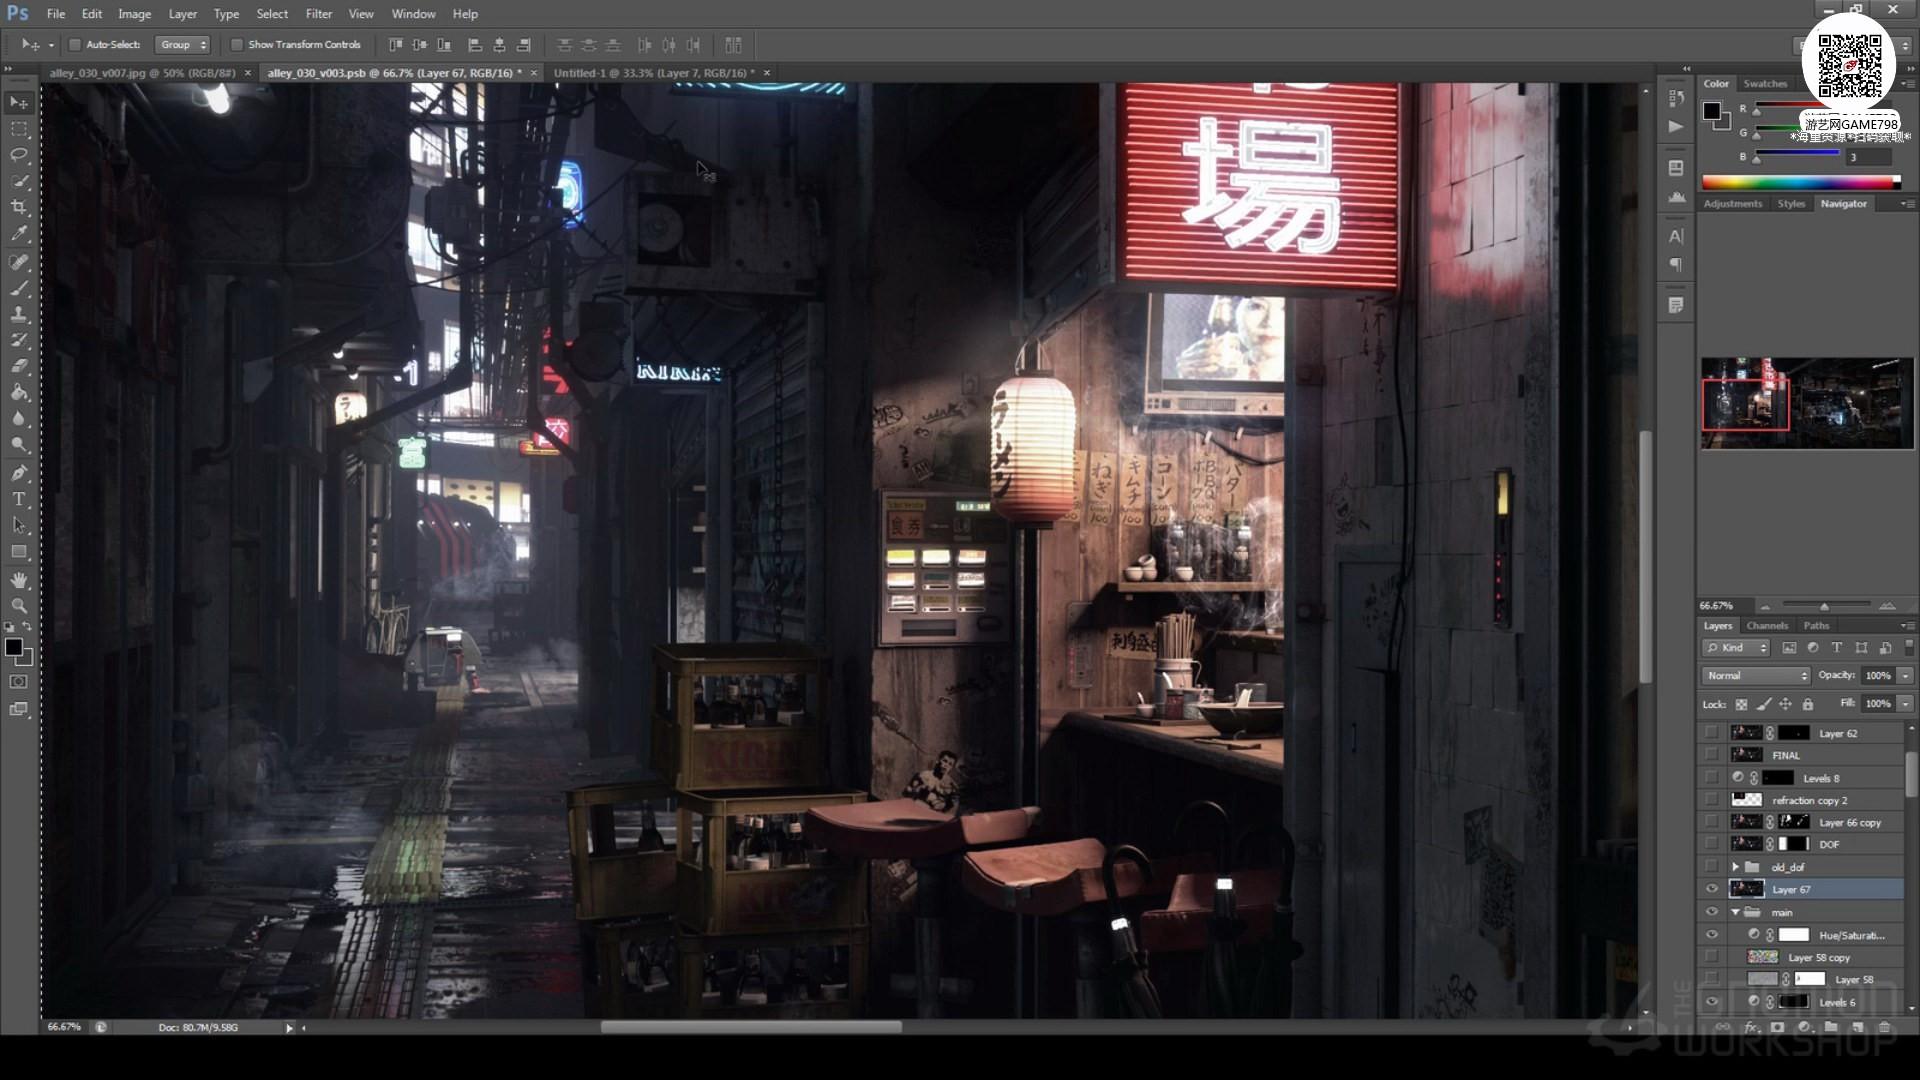 027_关注-游艺网GAME798海量资源下载【视频教程】MAYA制作科幻场景.jpg